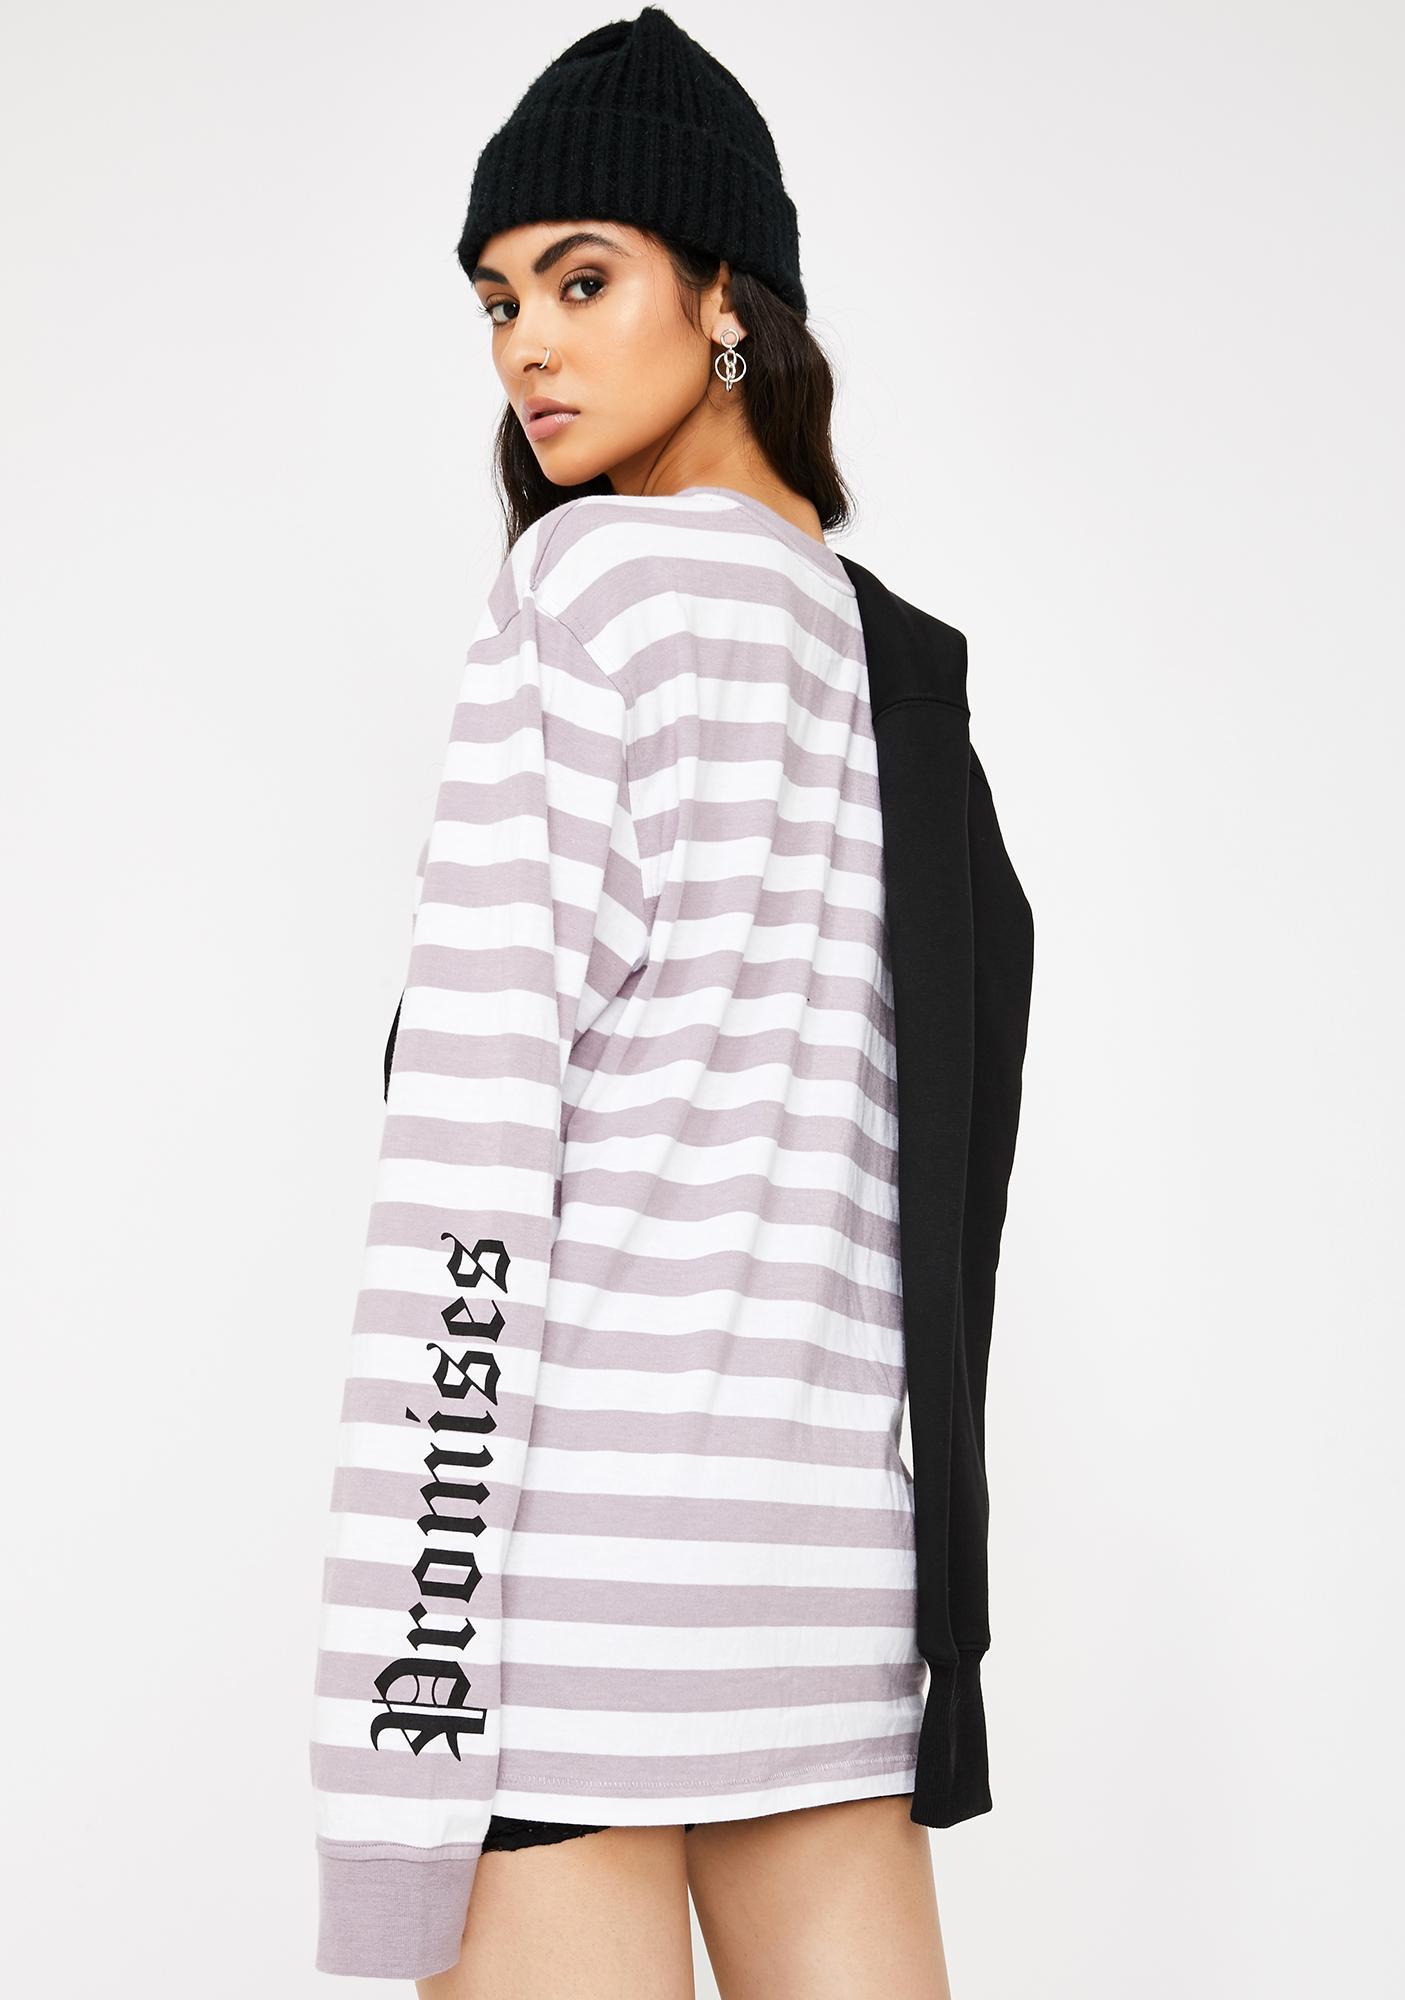 BROKEN PROMISES CO Do Better Stripe Top